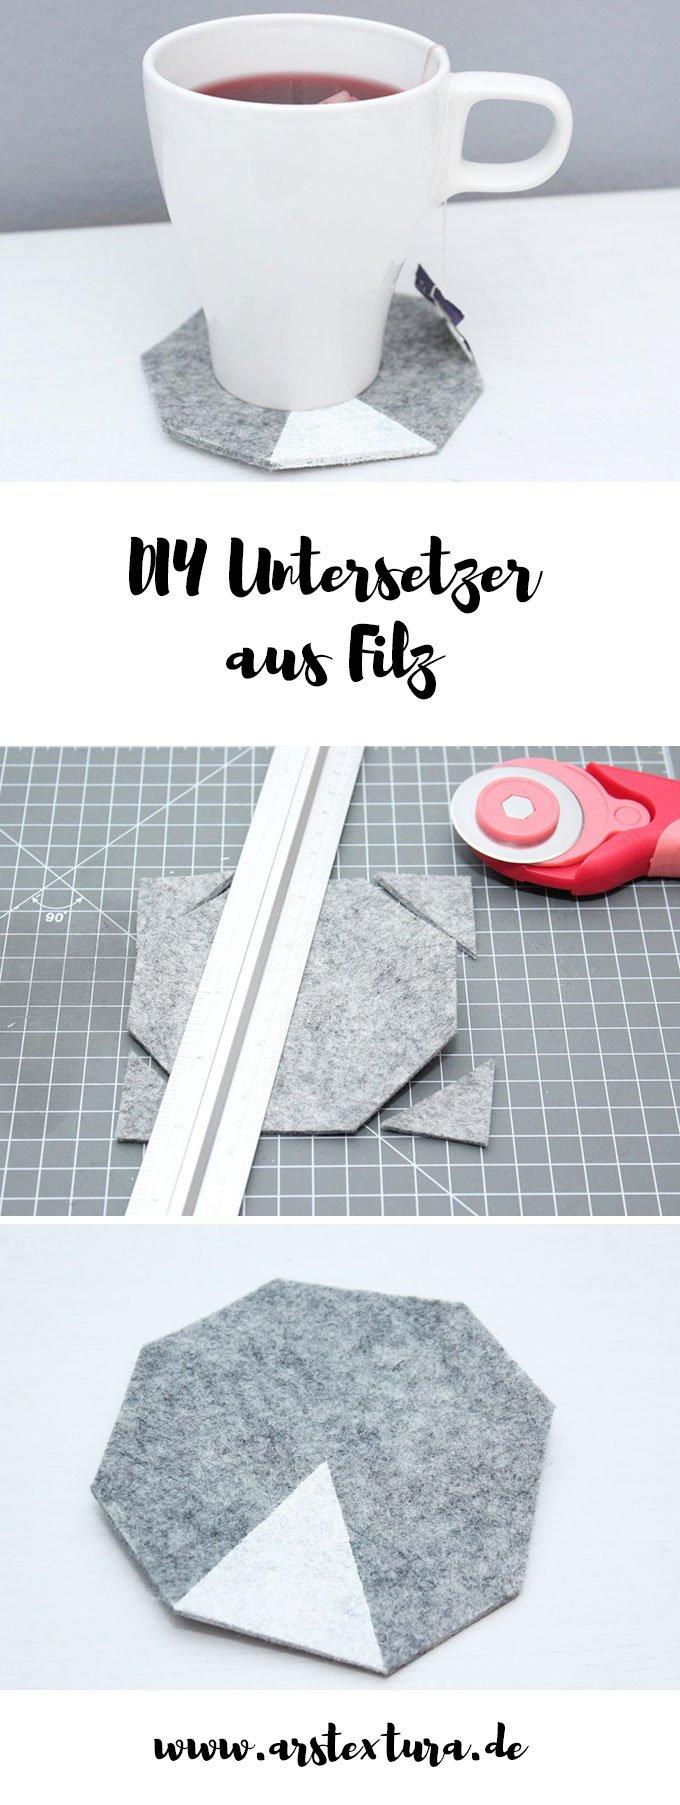 DIY Untersetzer aus Filz